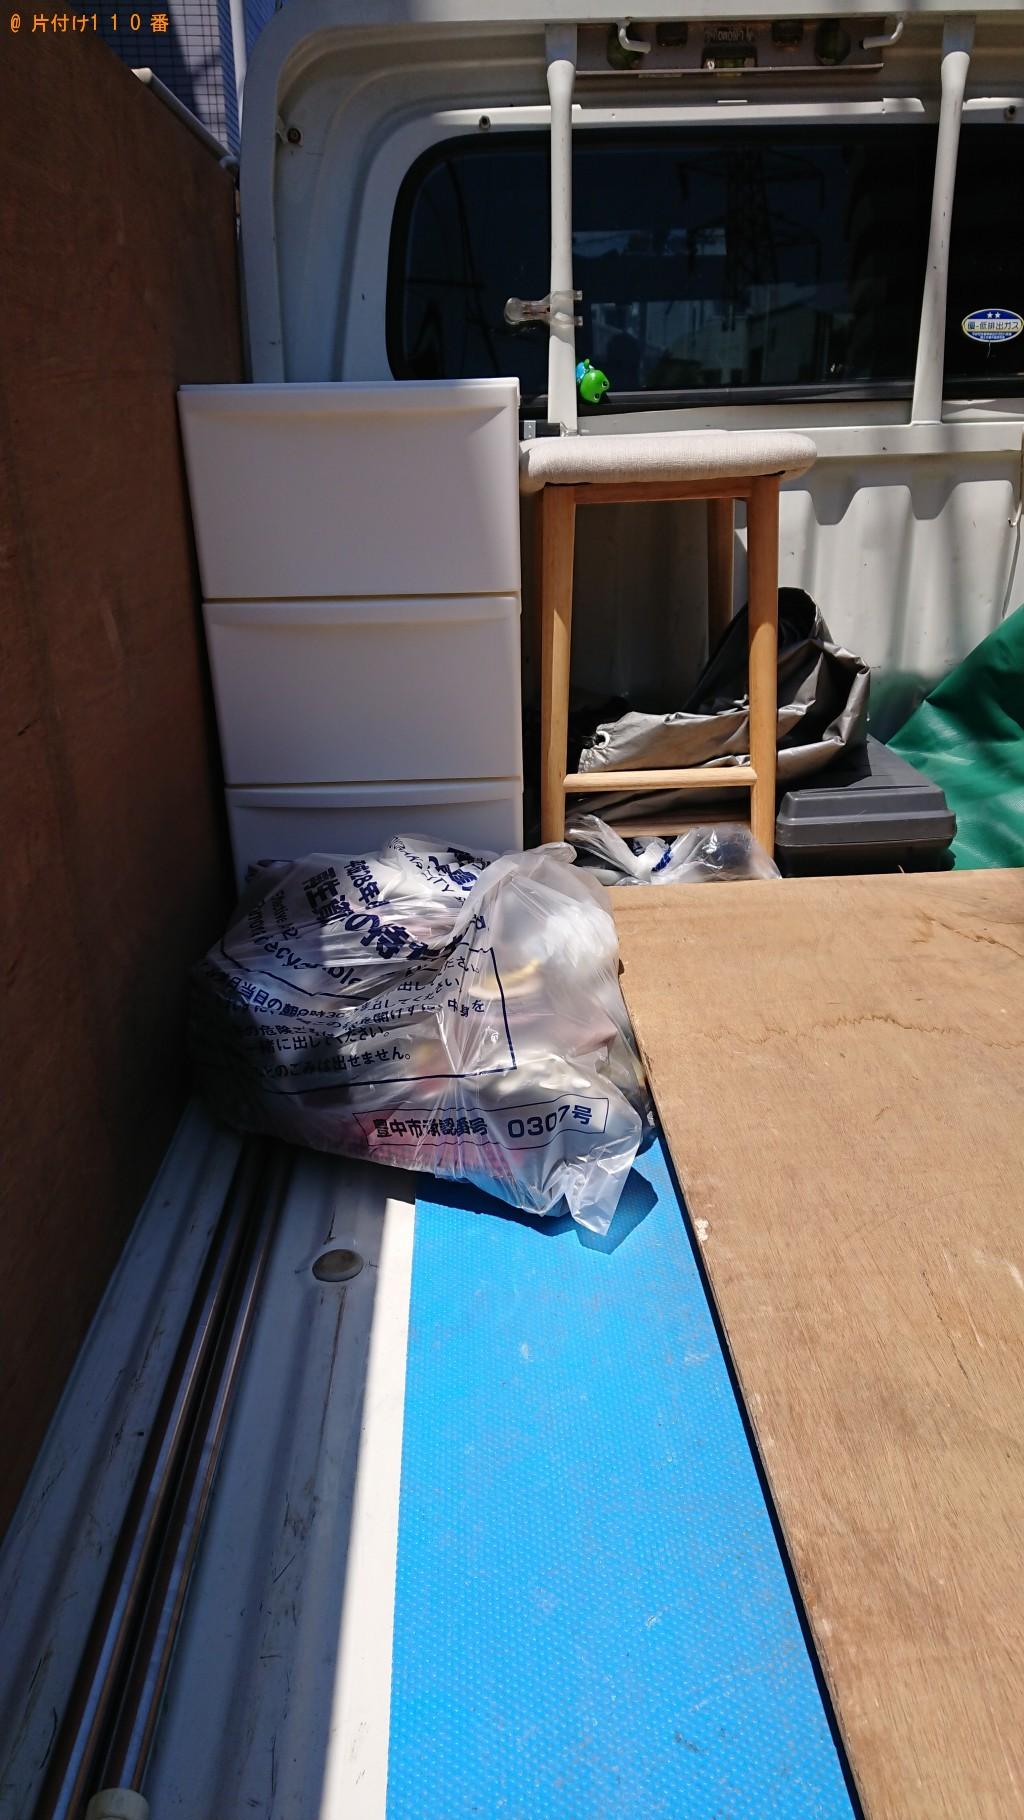 【豊中市野田町】遺品整理に伴い衣装ケース、椅子、パーテーション、一般ごみの回収